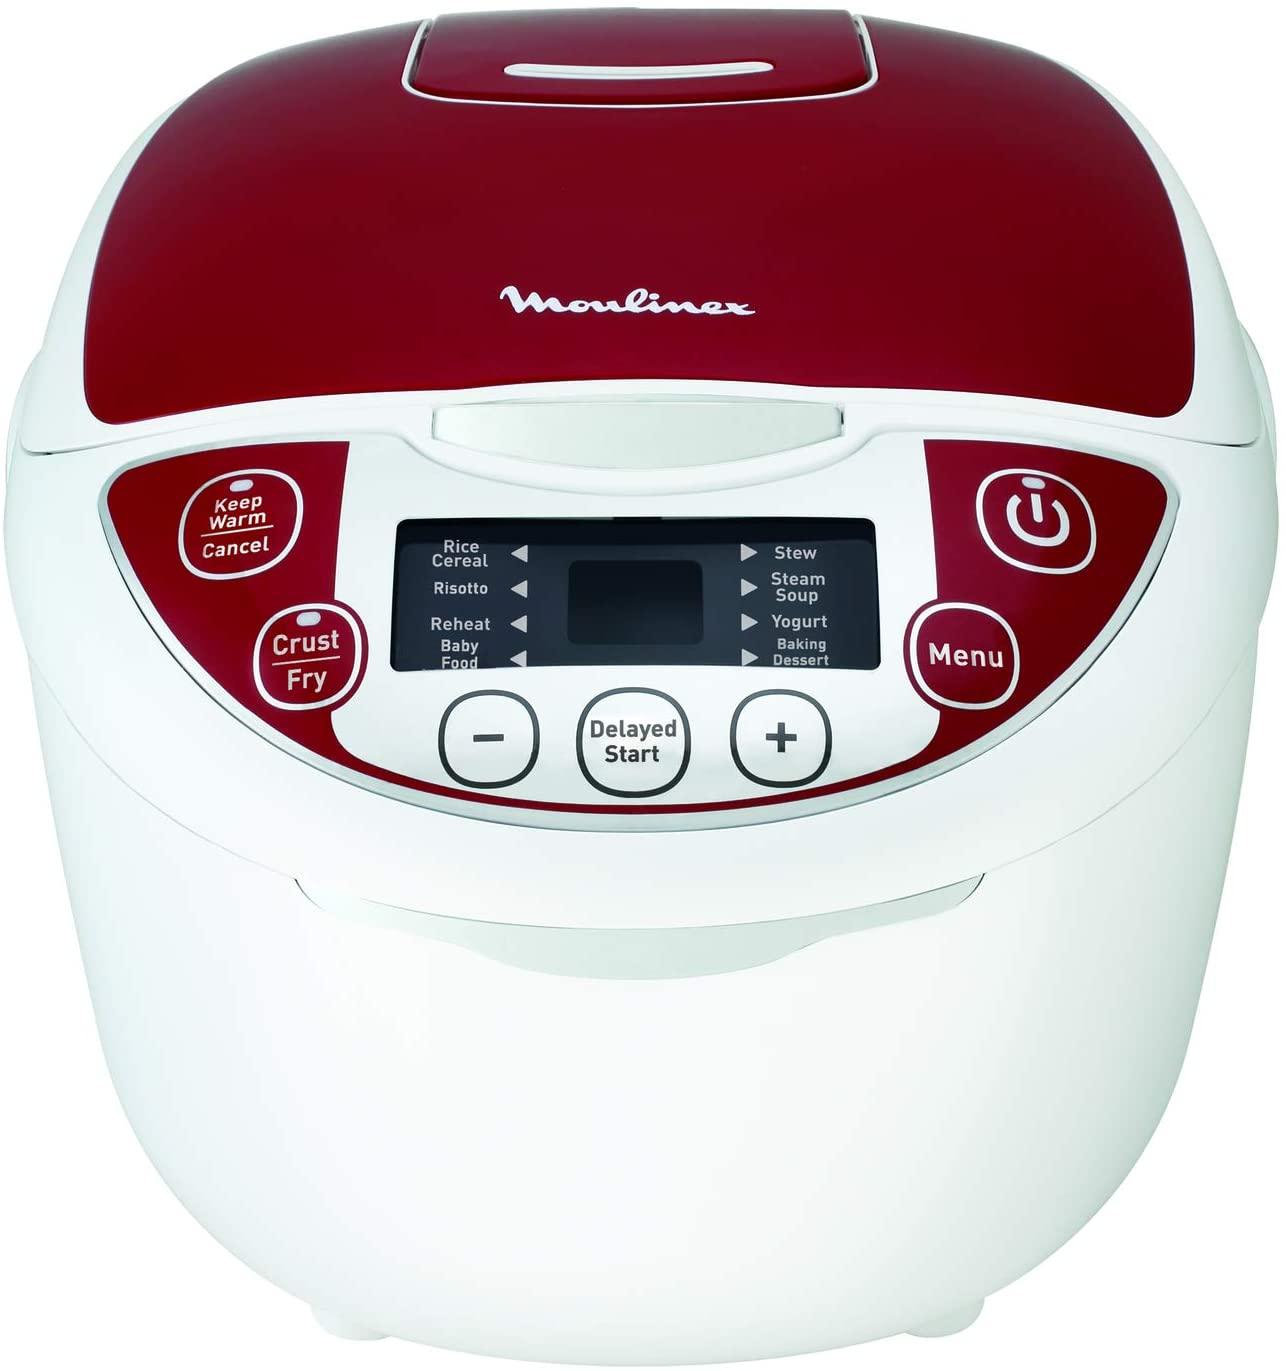 Multicuiseur électrique Moulinex MK705111